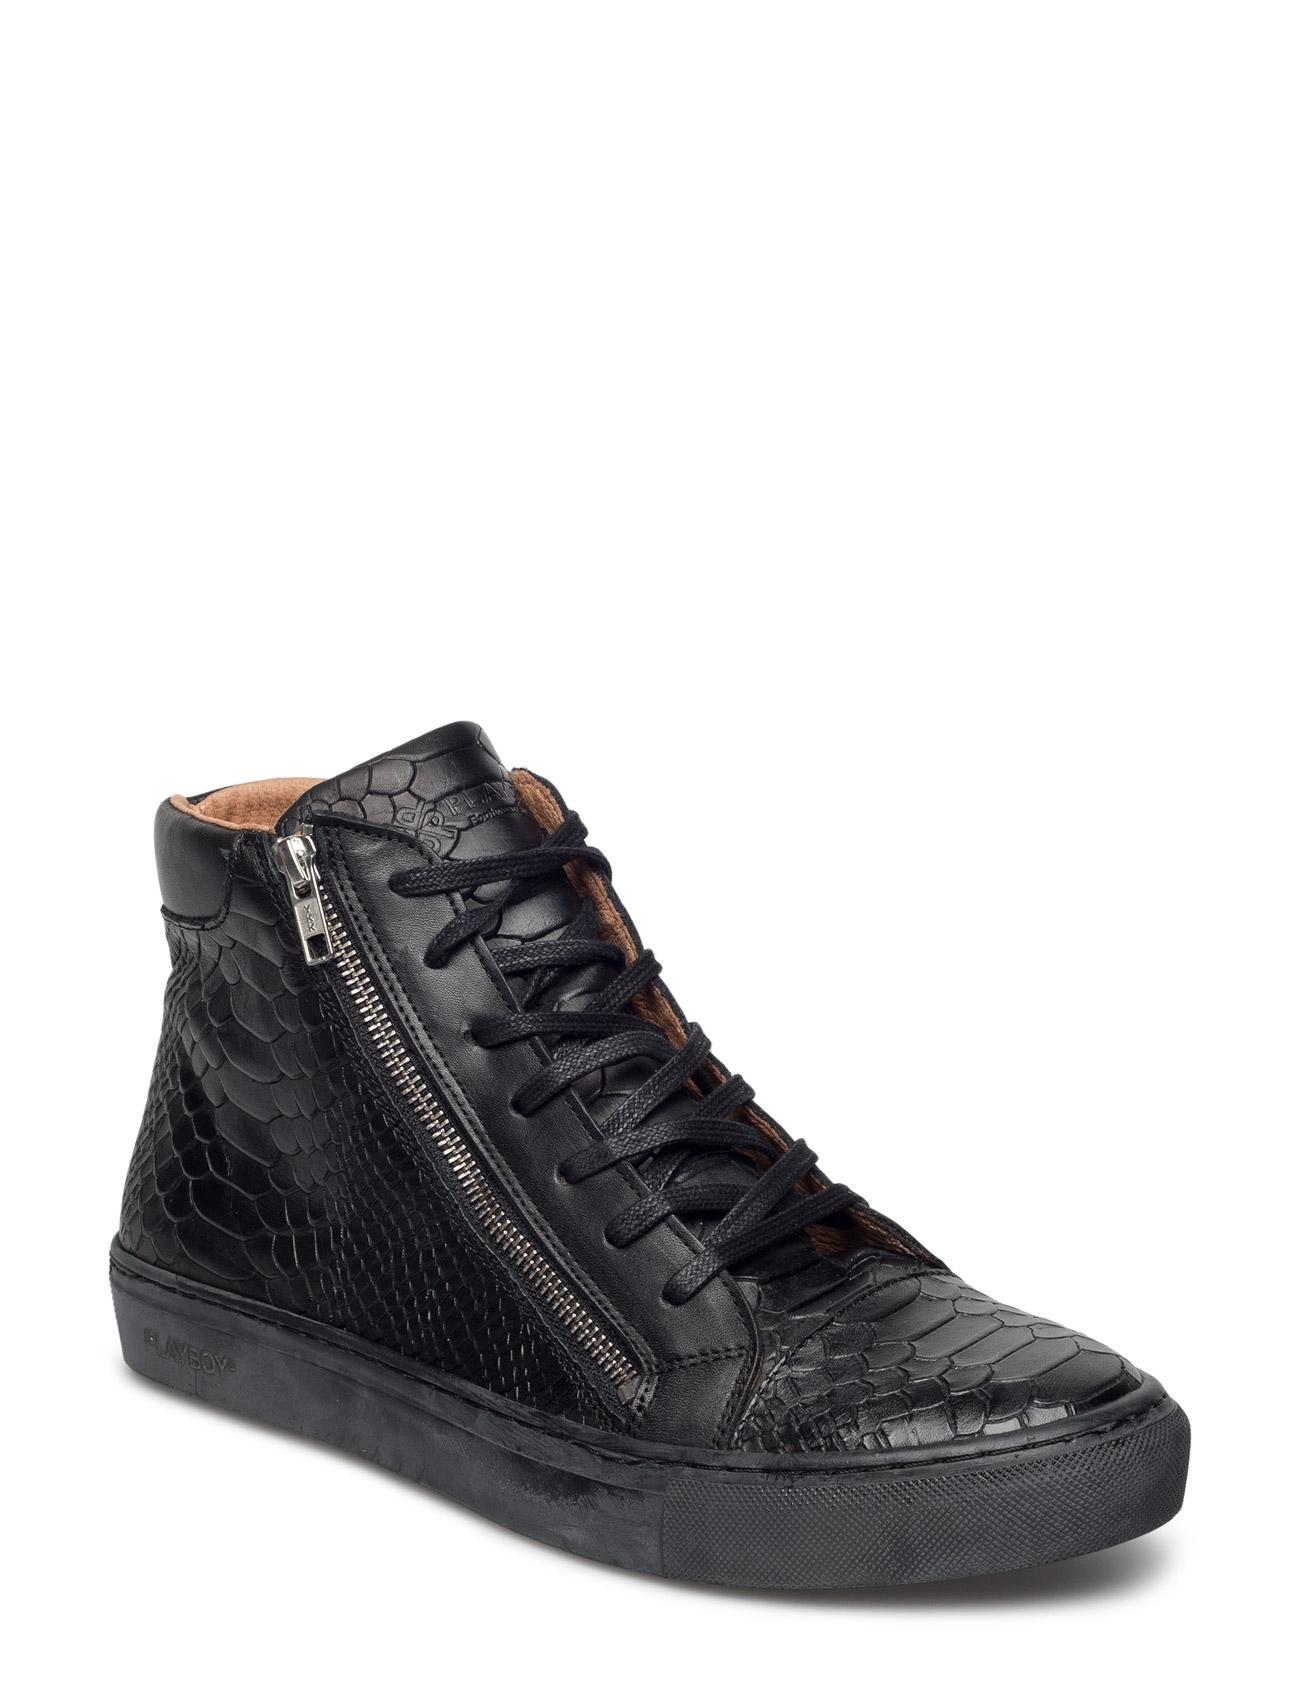 Baker Playboy Footwear Støvler til Mænd i Sort